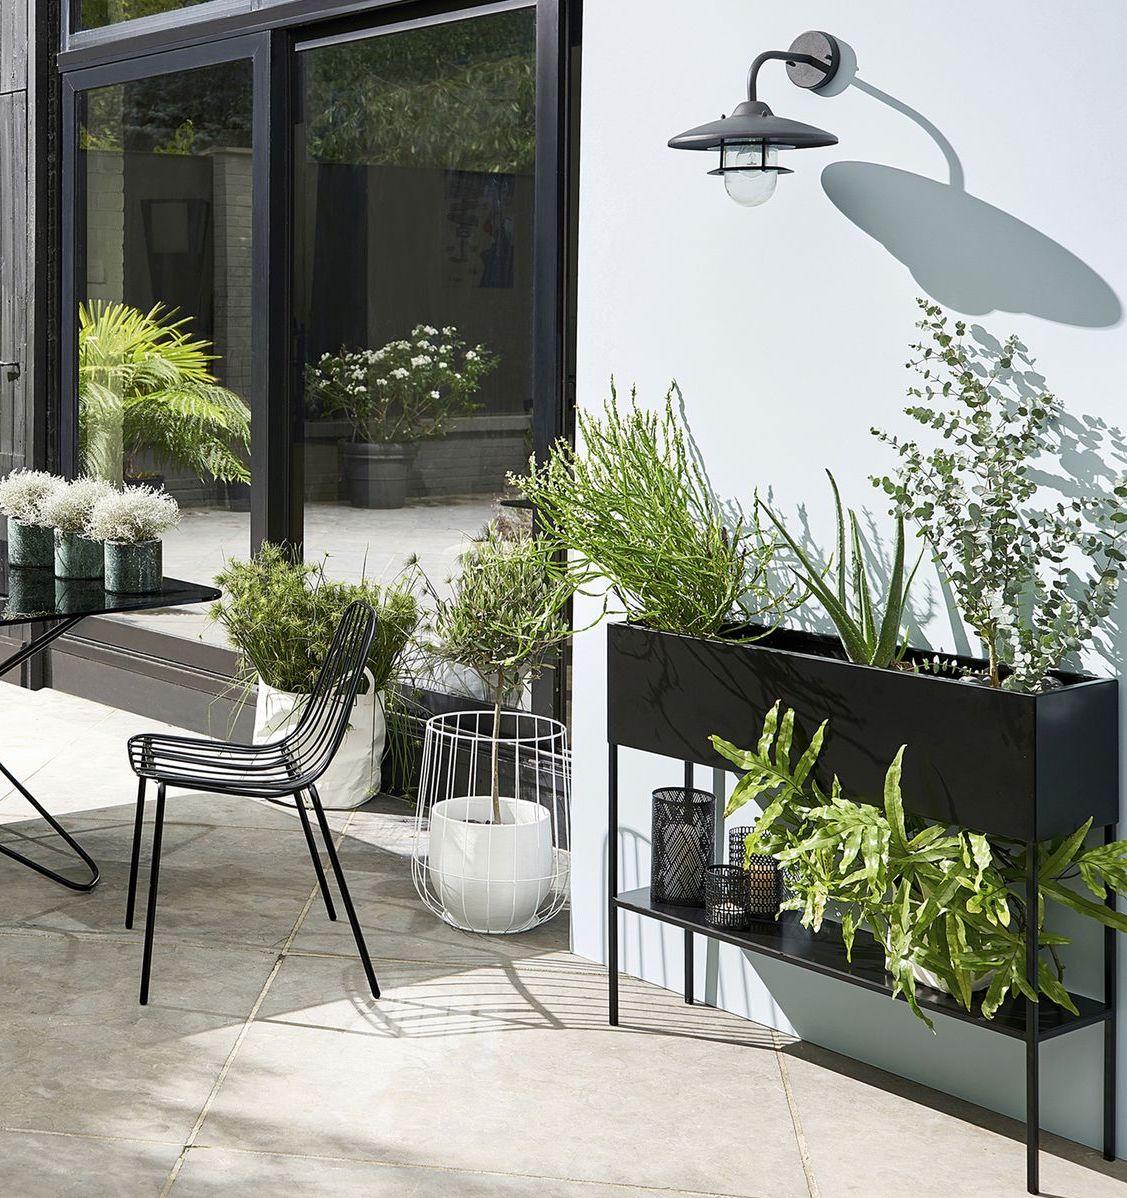 console planteur métal noir rectangle moderne plante verte déco outdoor